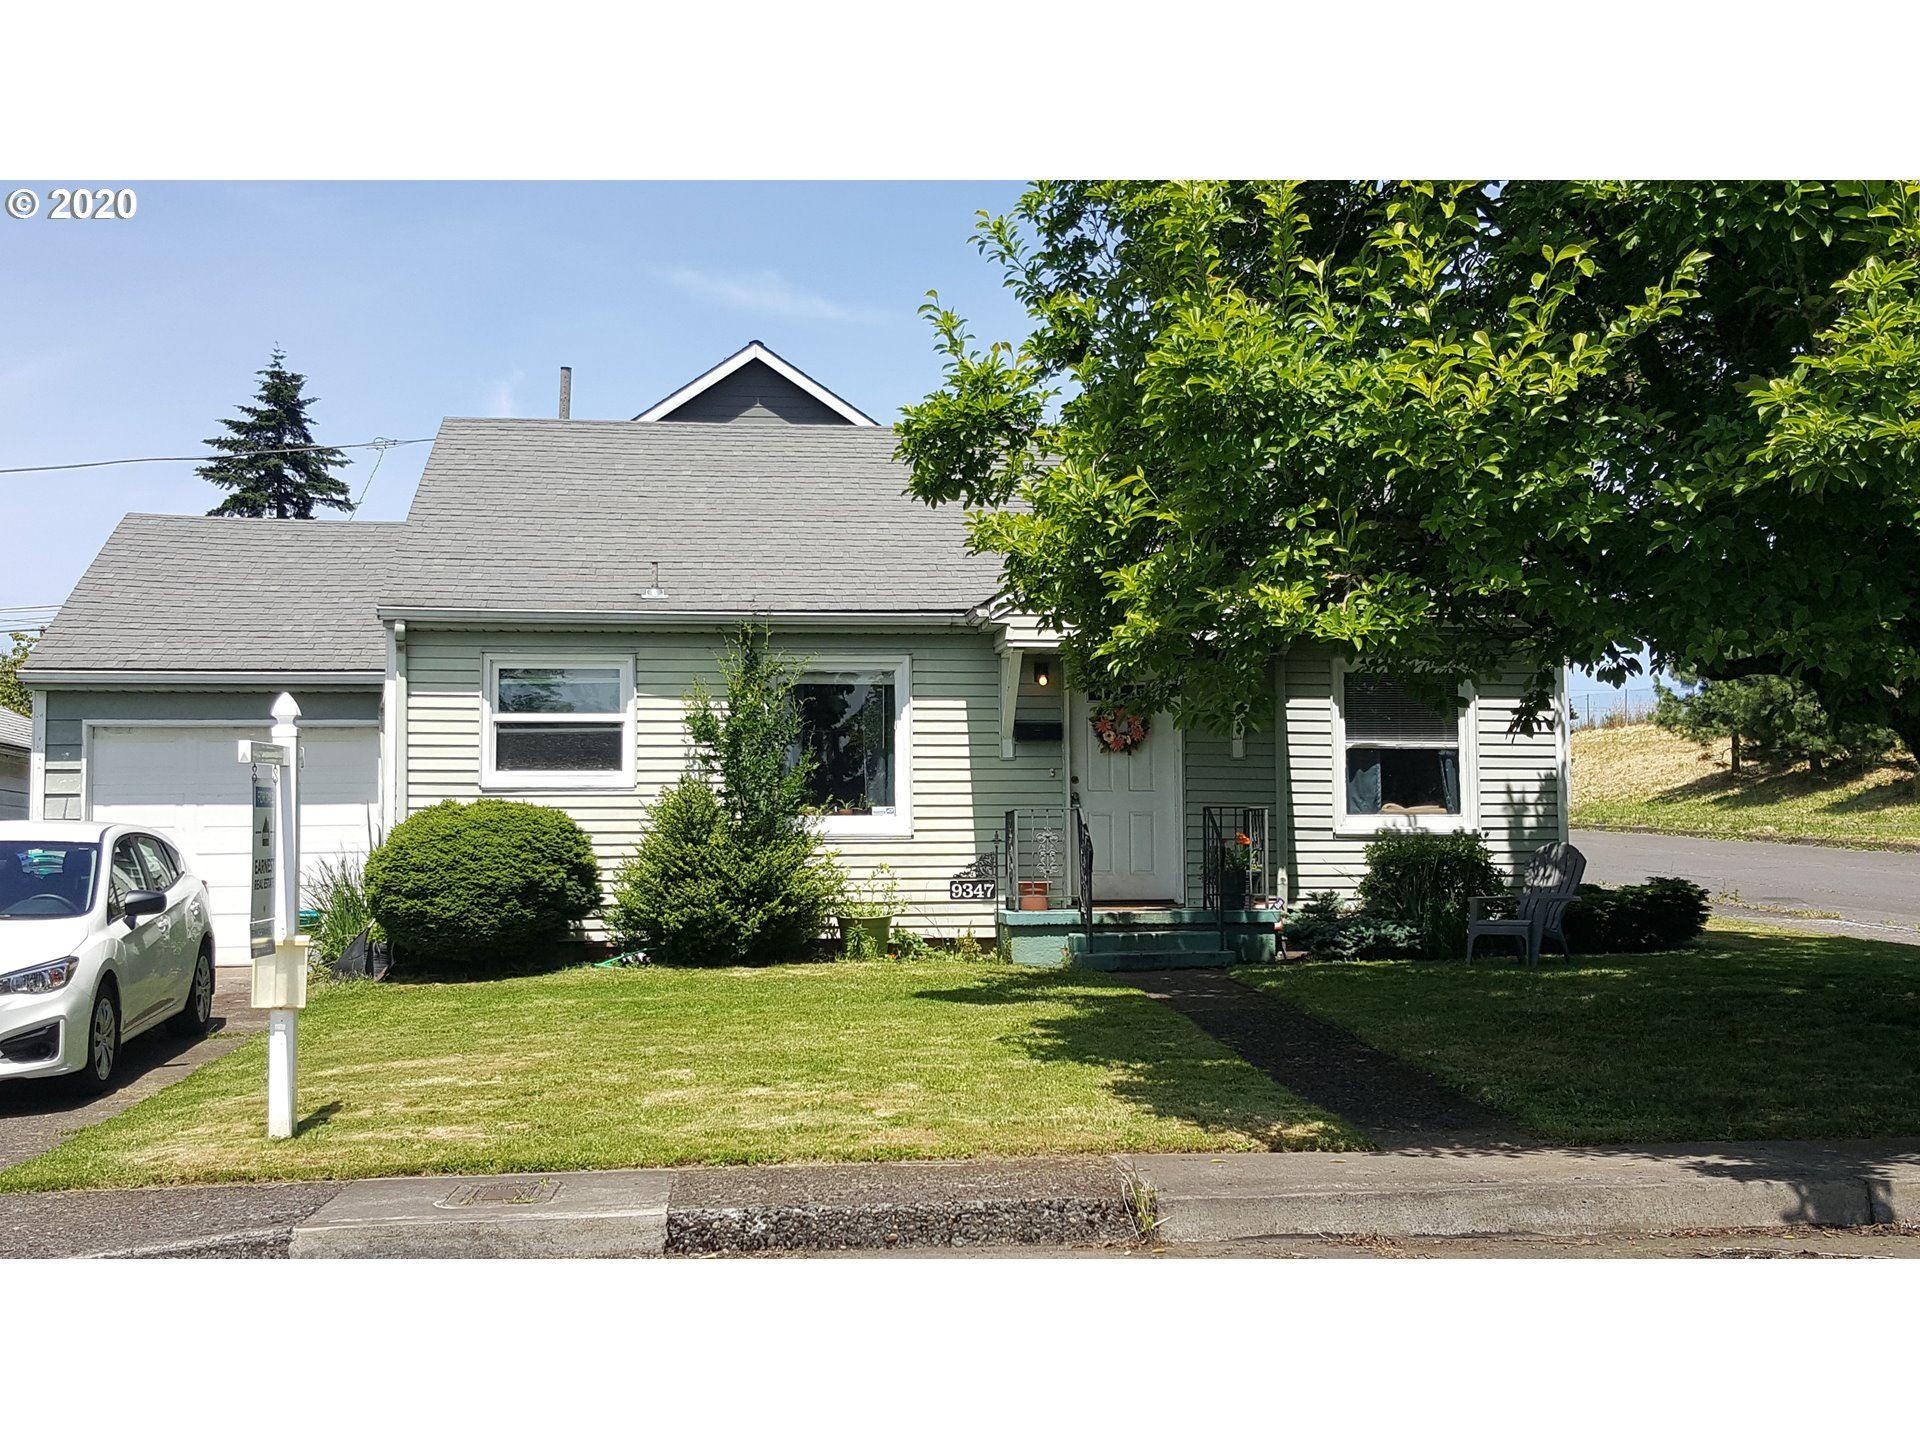 9347 SE MORRISON ST, Portland, OR 97216 - MLS#: 20186092